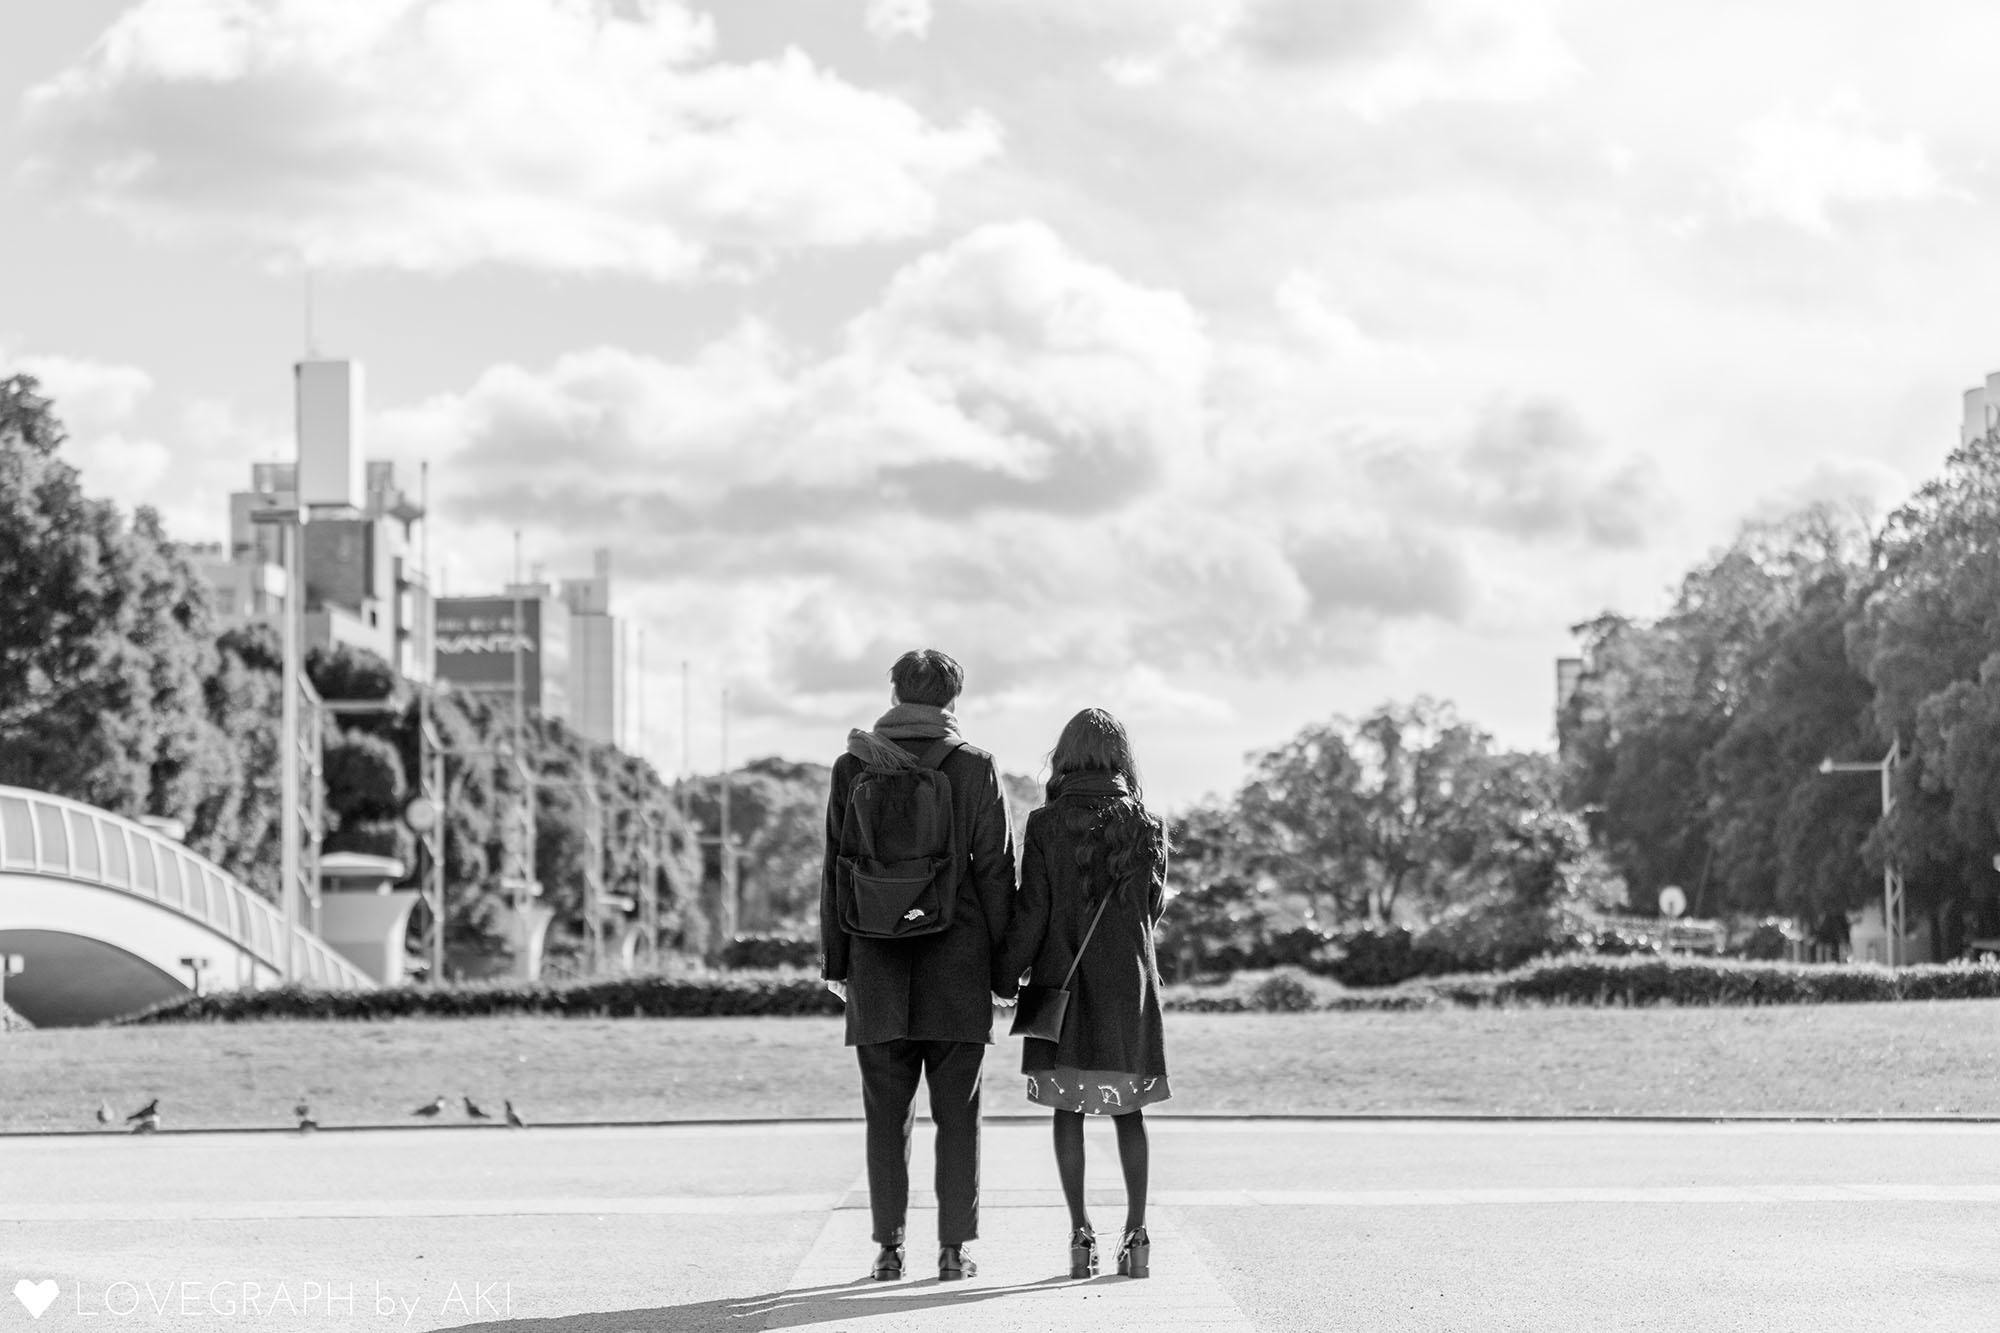 空を眺めるカップル_白黒